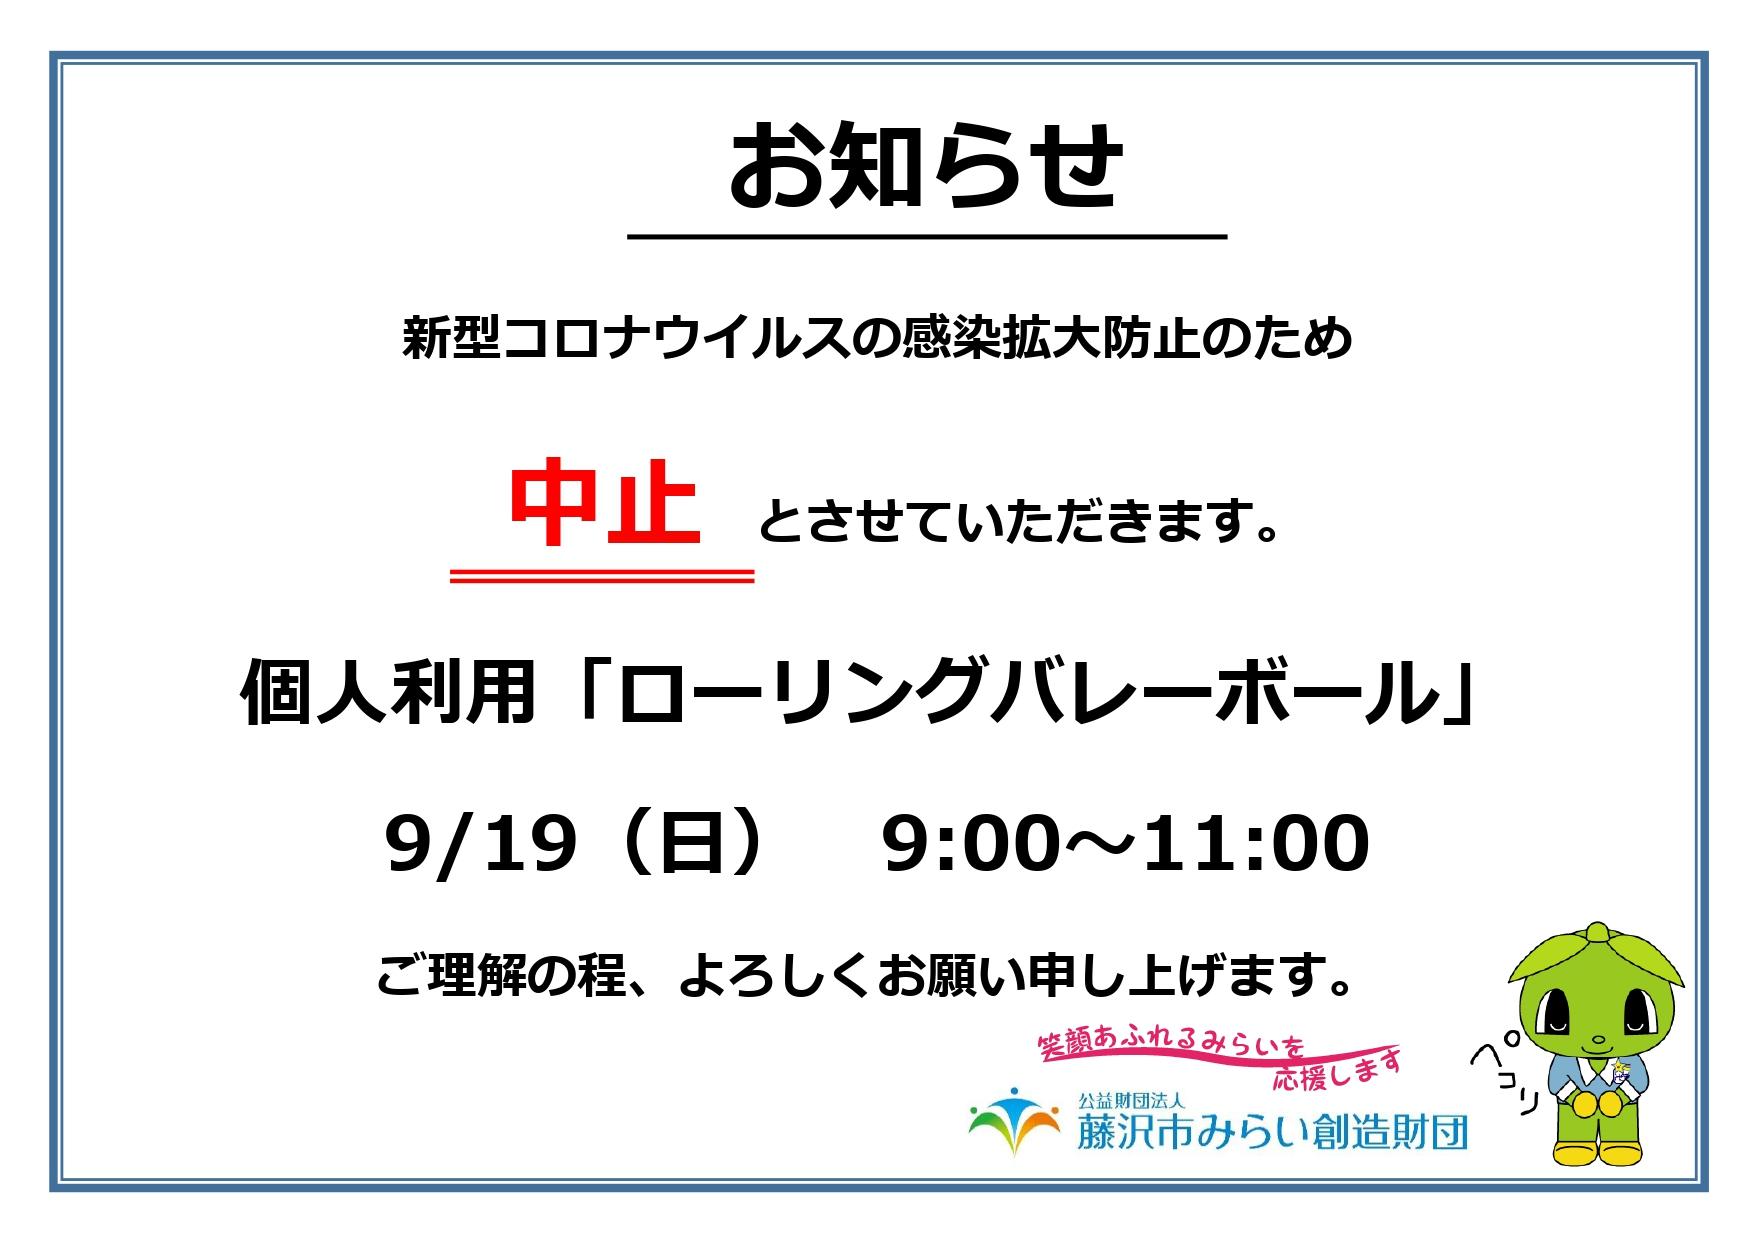 【秩父宮記念体育館】9/19(日)個人利用「ローリングバレーボール」中止のお知らせ